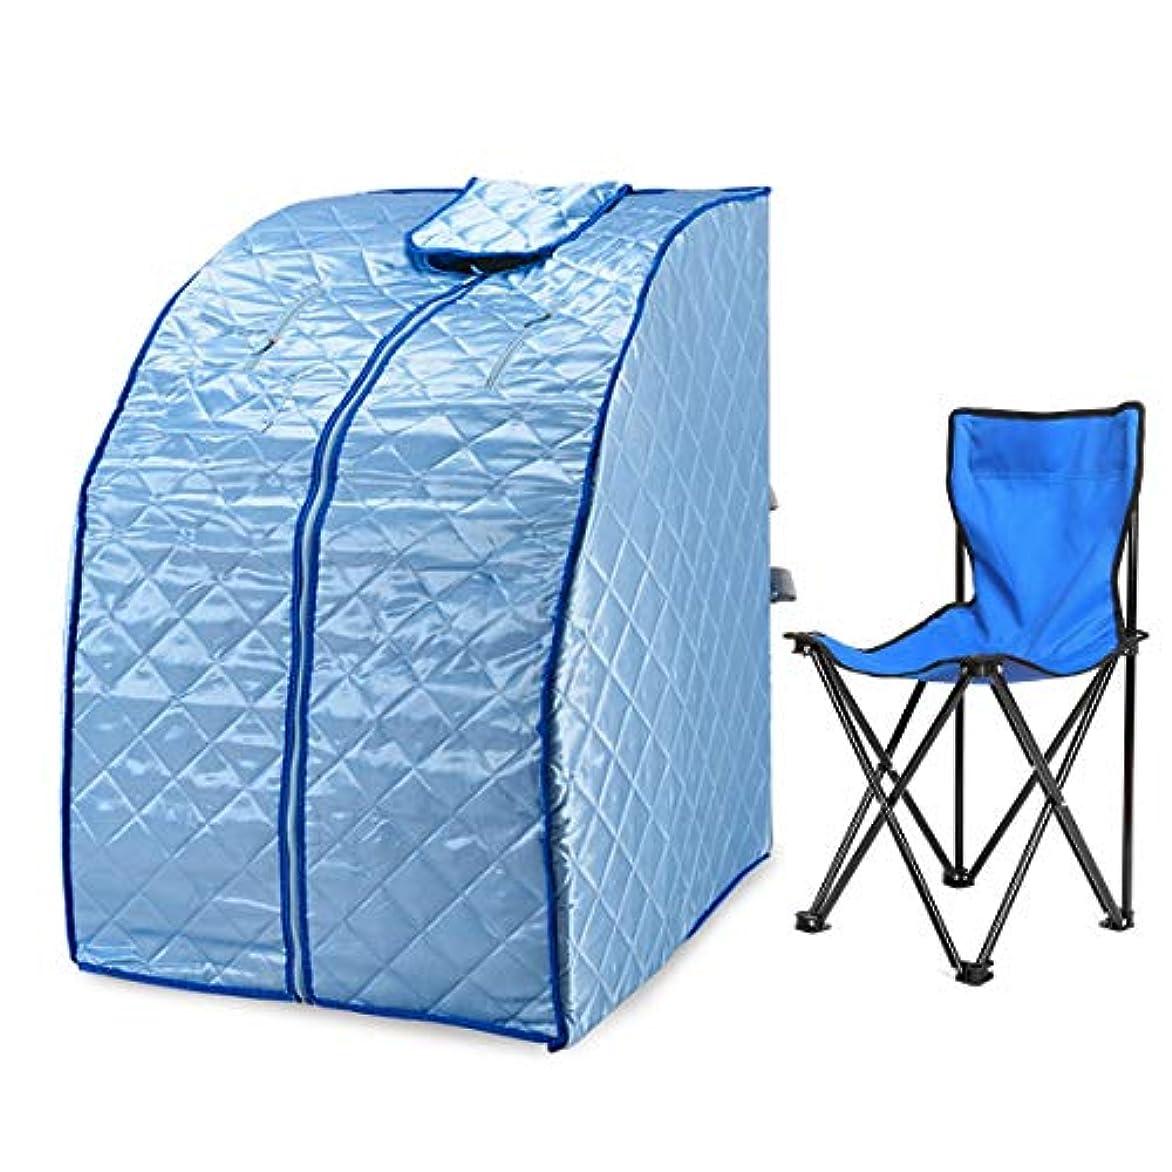 不均一用心深い幅遠赤外線 サウナ と 椅子 ポータブル ヒータ サウナボックス 屋内 折り畳み サウナスチームキャビン パーソナル スパ 体重が減る そして 毒素を除去